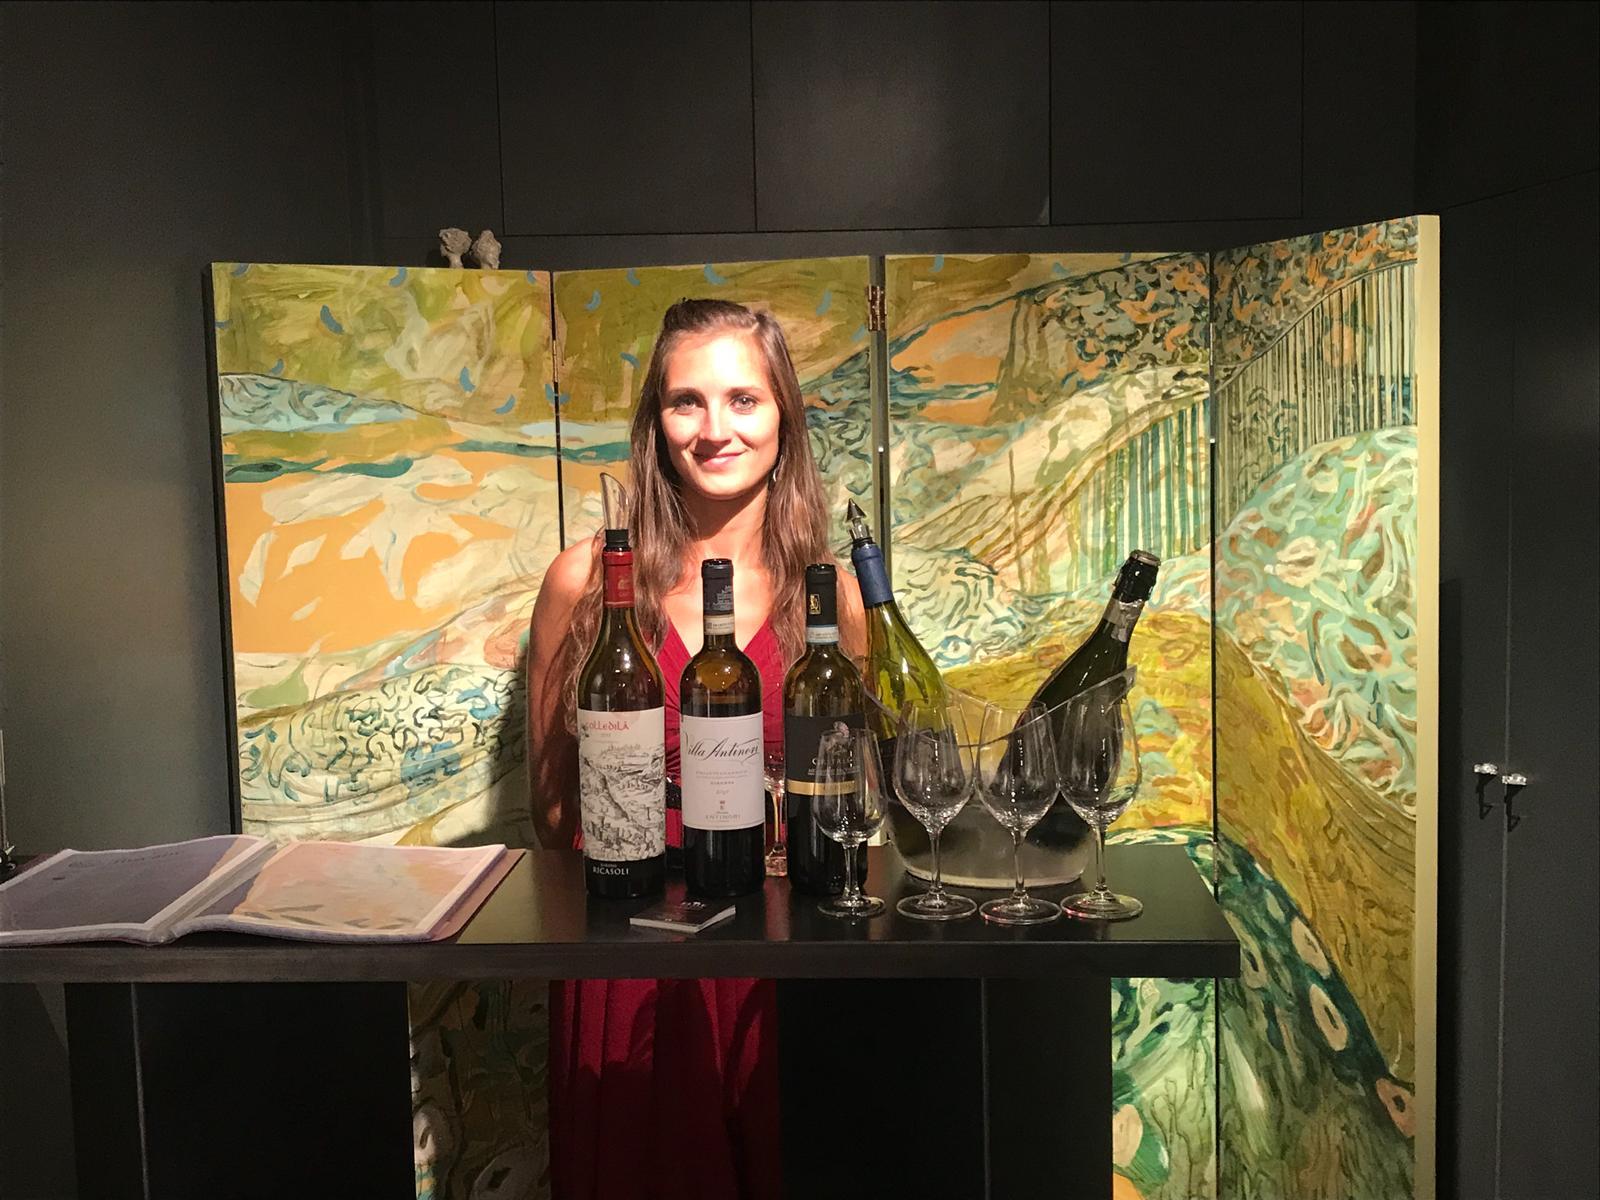 Elite wine tasting vernissage photo